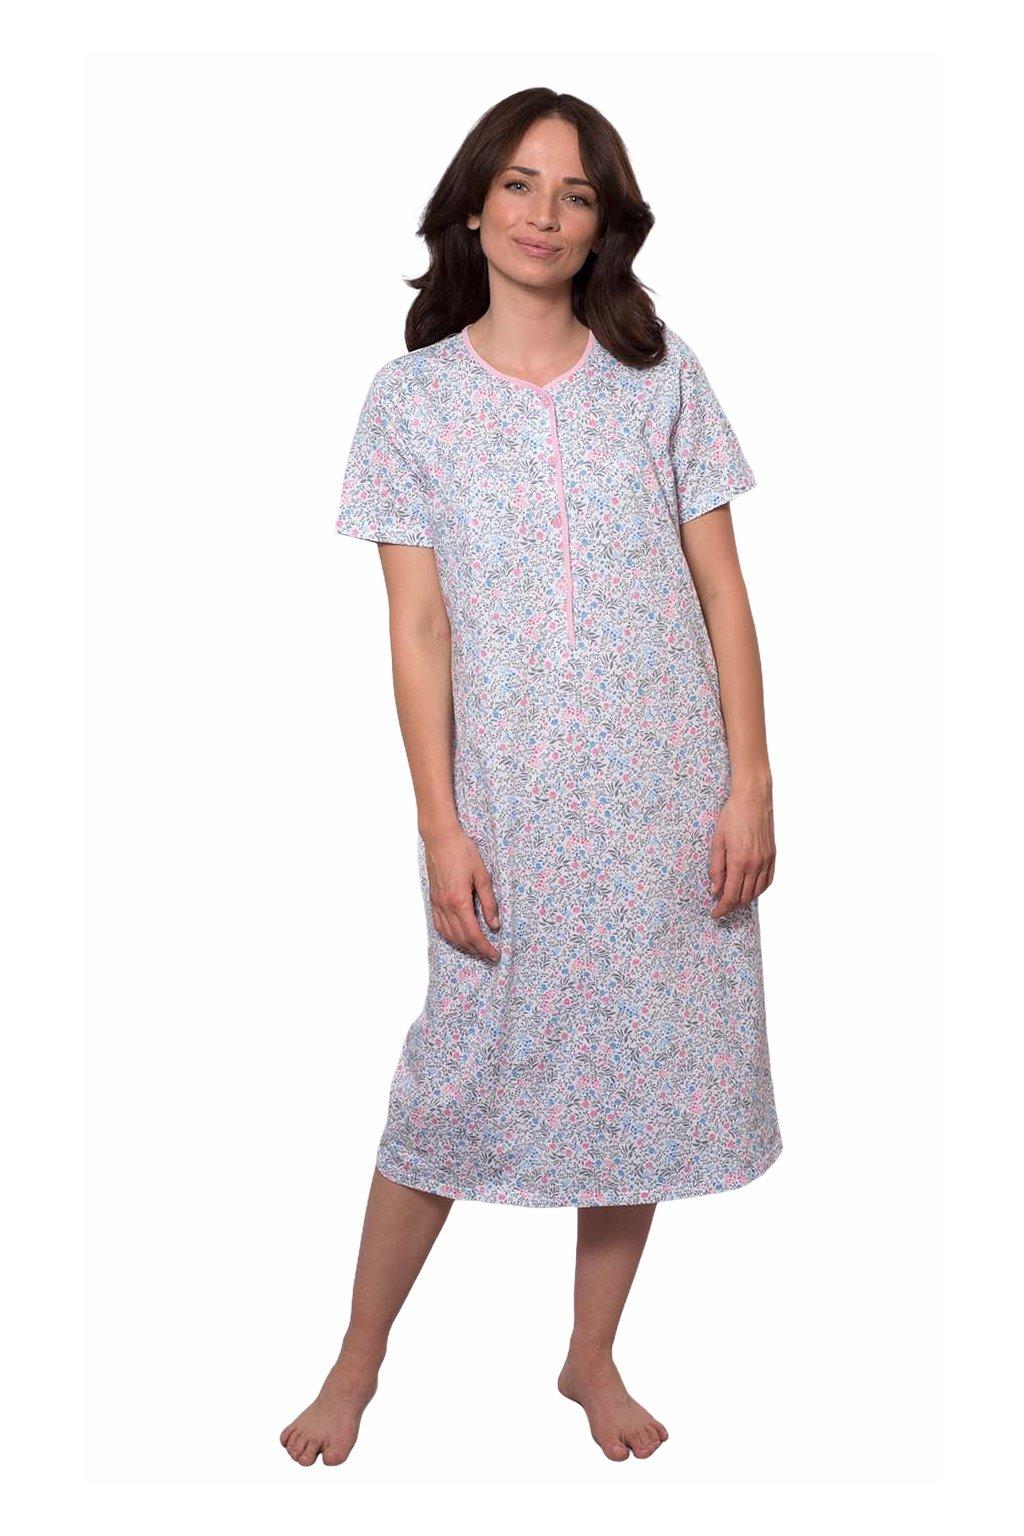 Dámská noční košile s krátkým rukávem, 104232 242, růžová